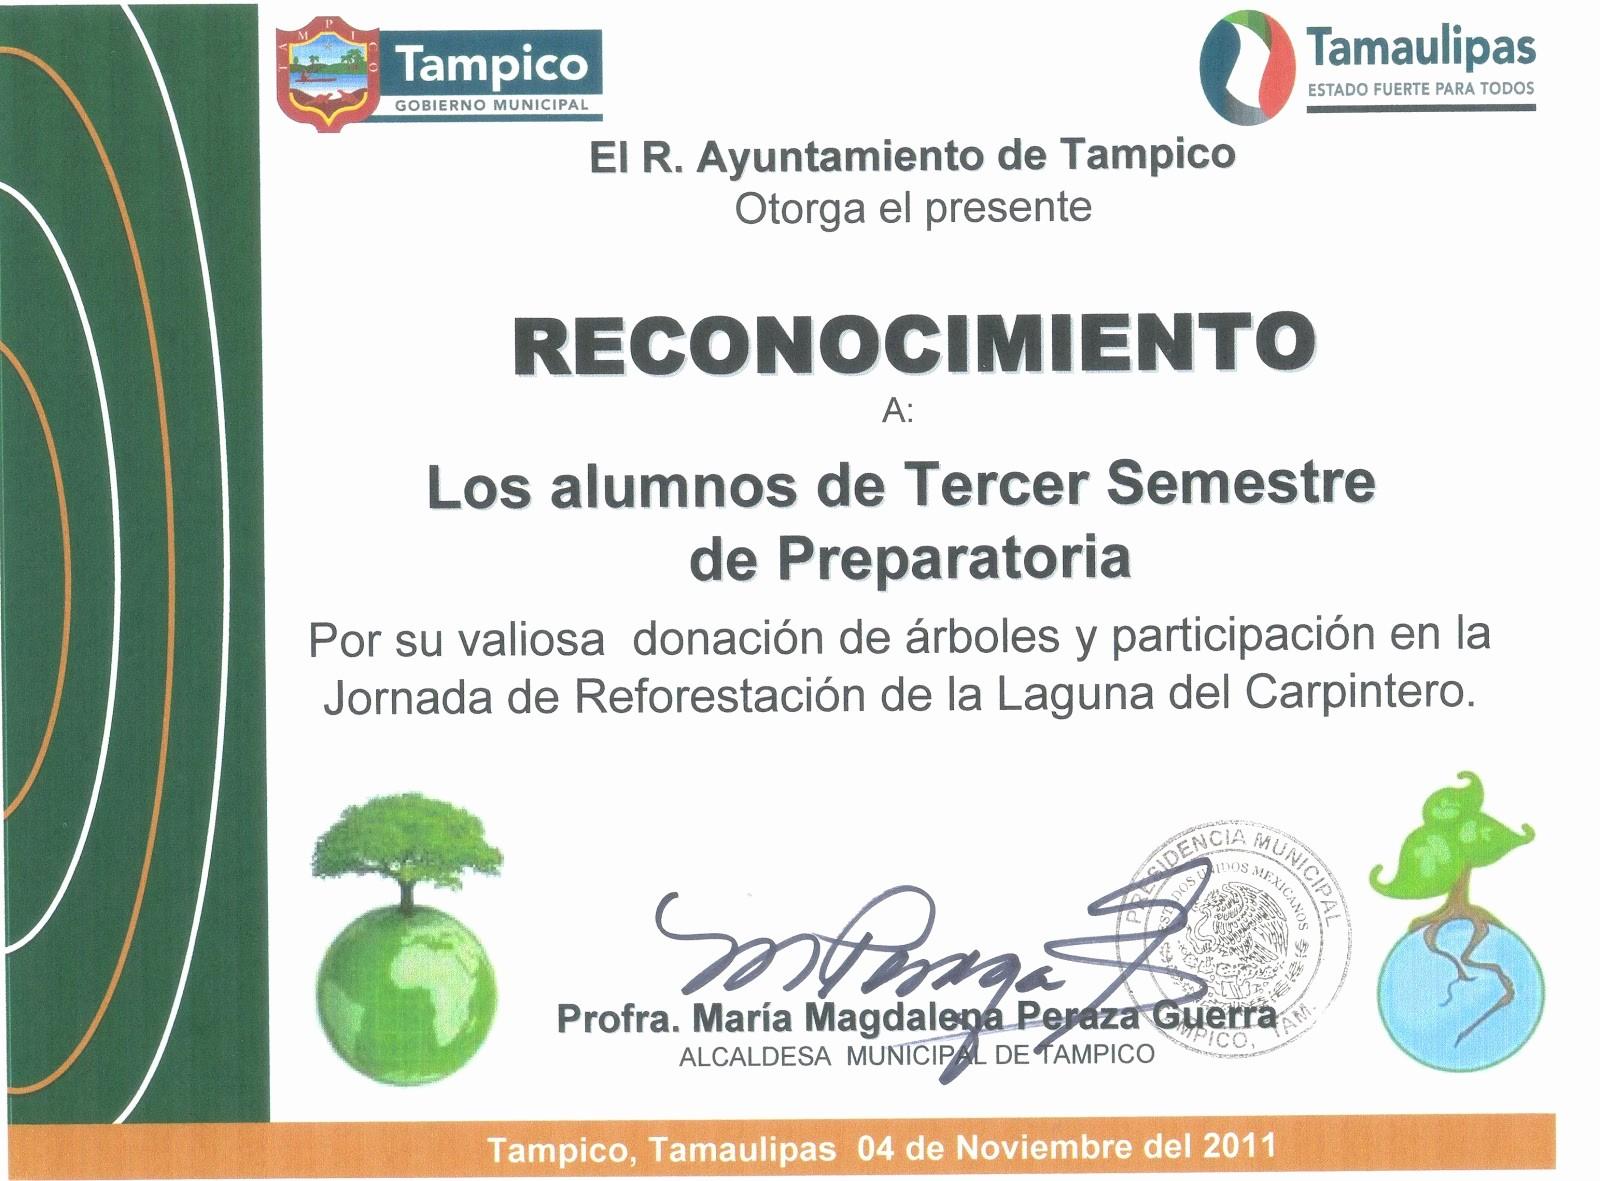 Ejemplo De Certificado De Reconocimiento Lovely Ejemplo De Certificado De Reconocimiento Para Iglesia